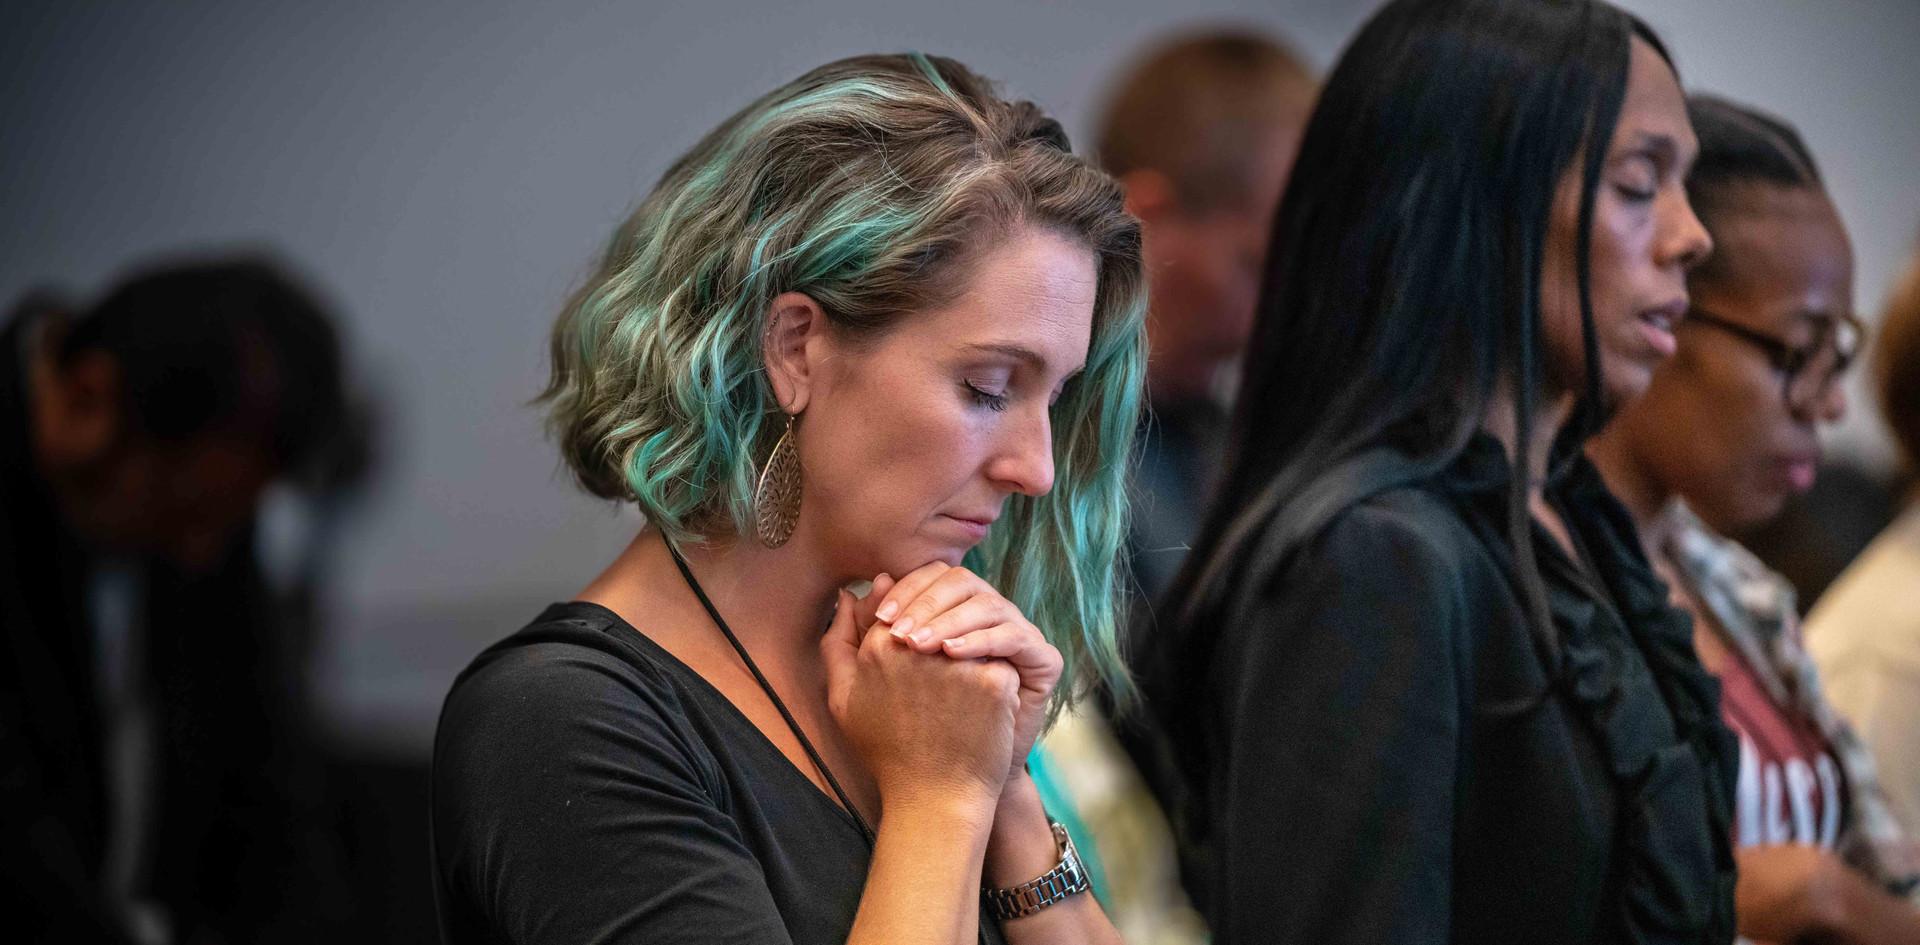 Lady Praying.jpg